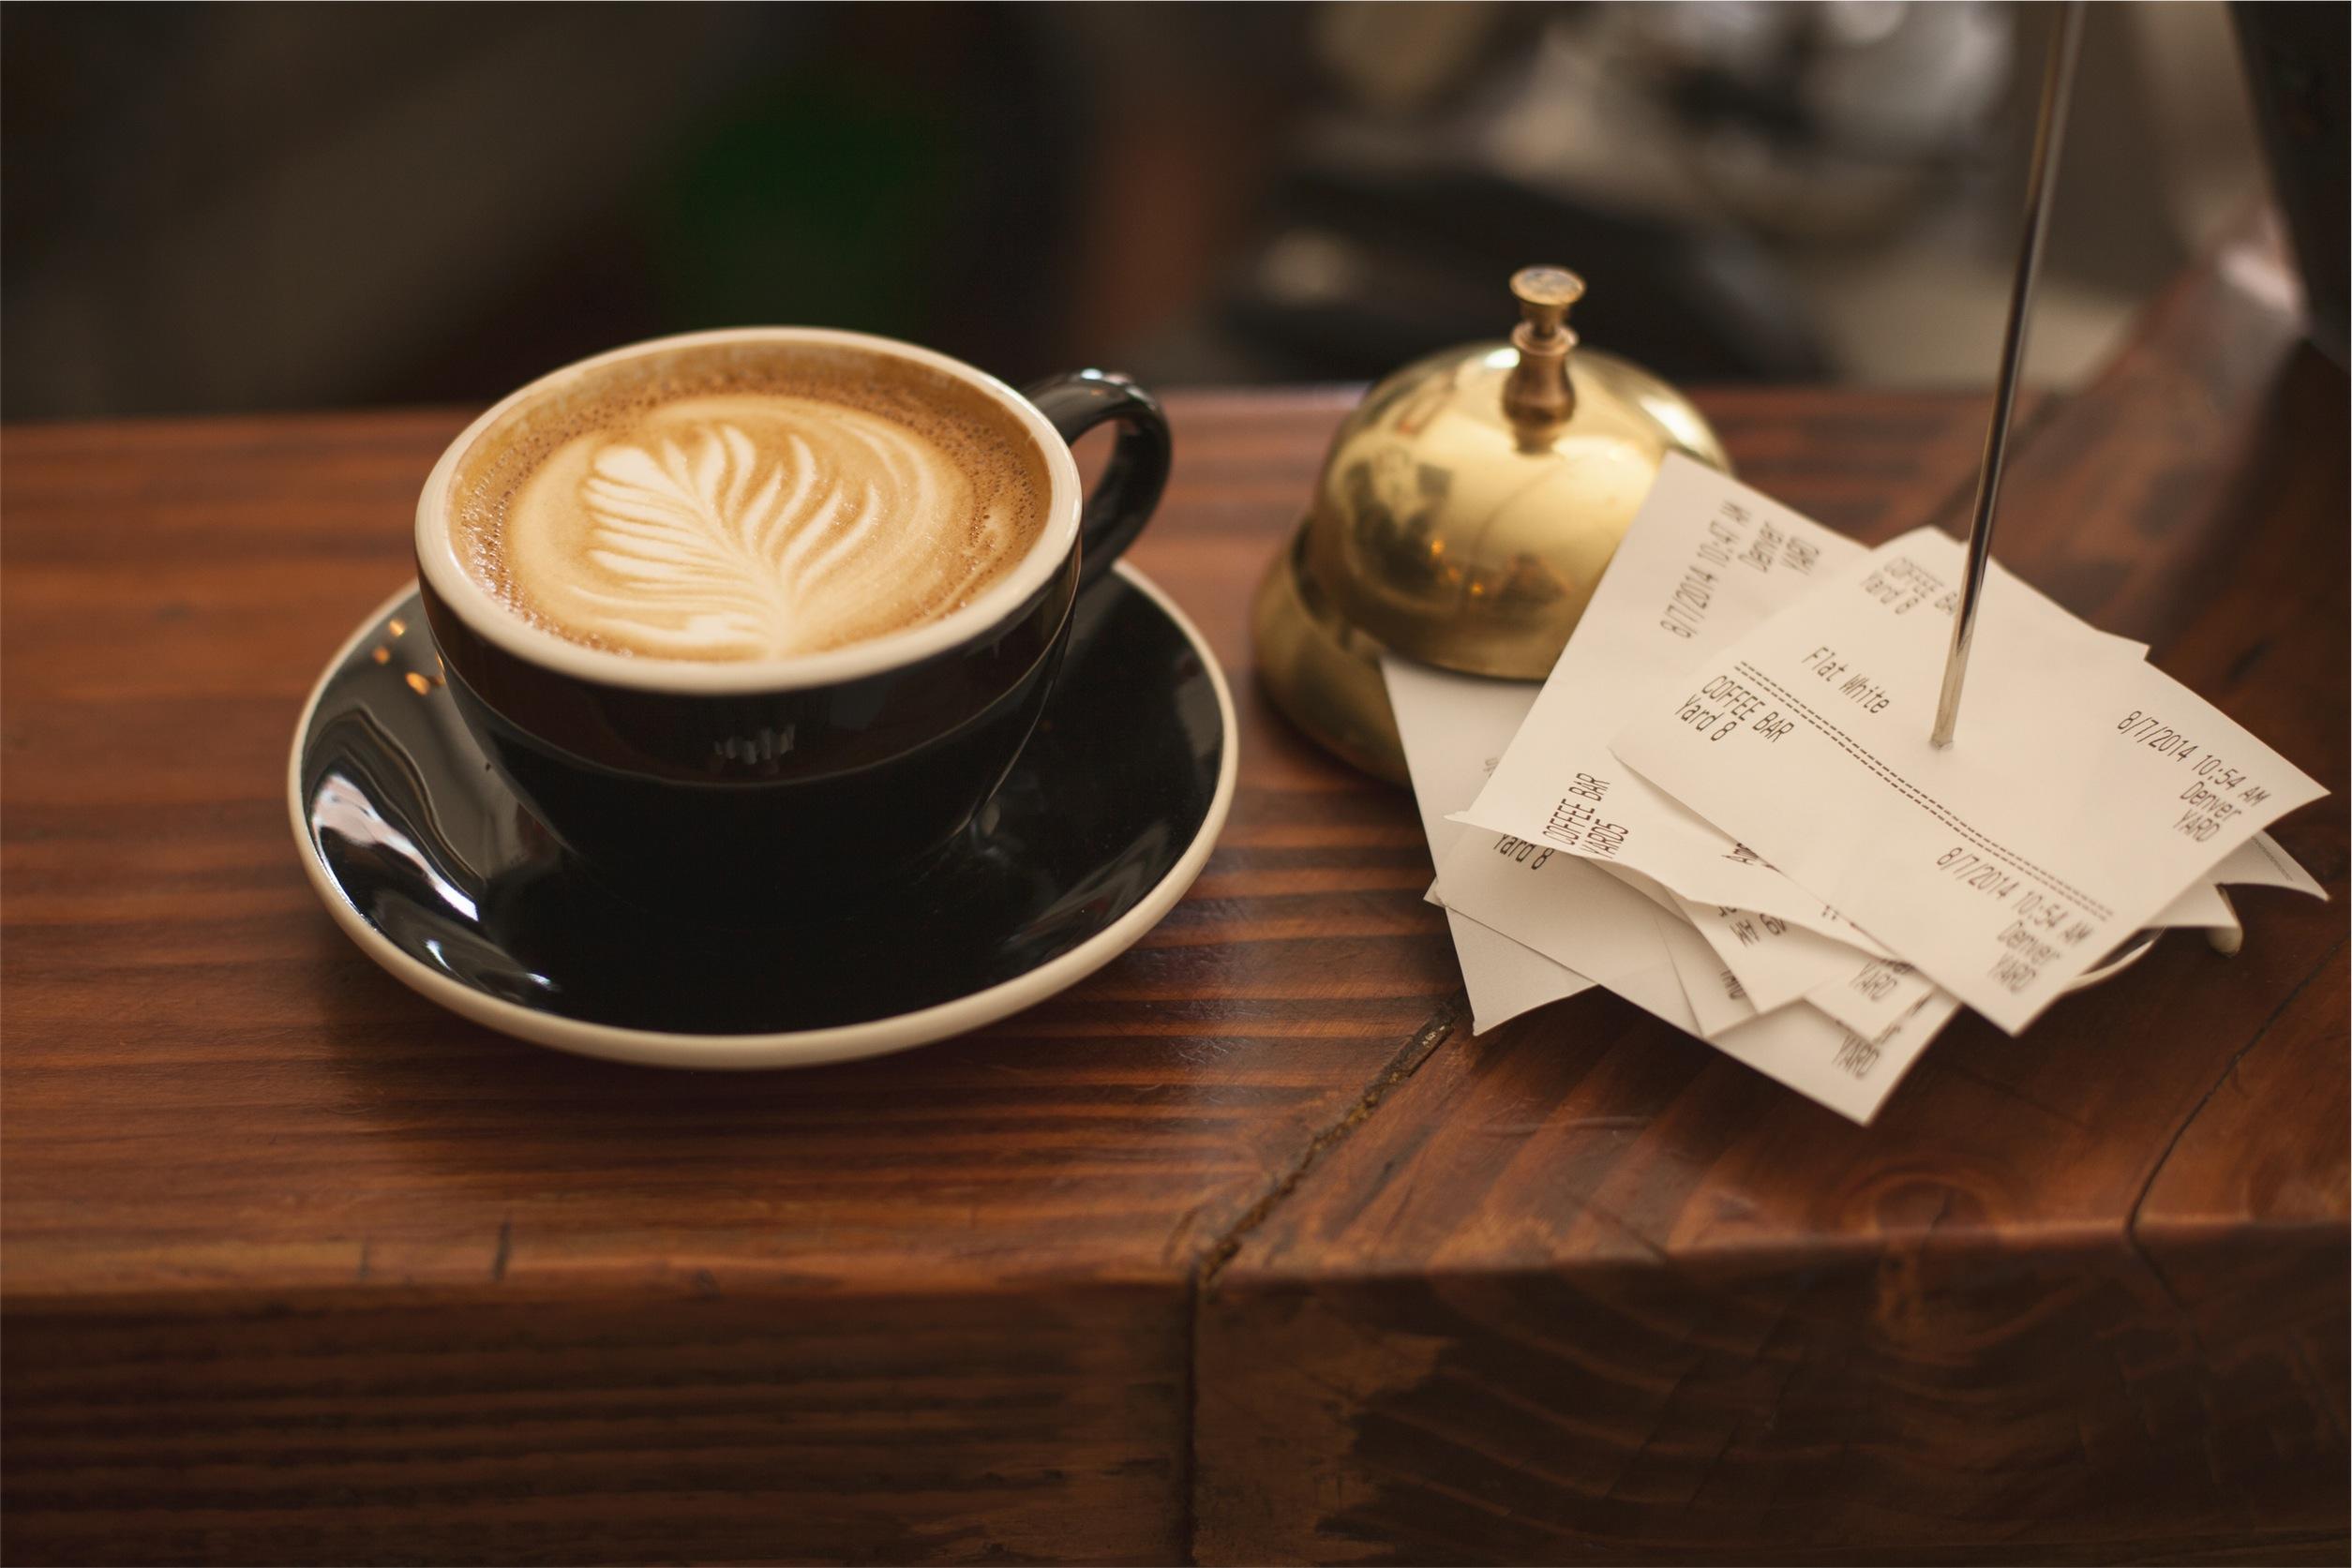 コーヒーとレシート